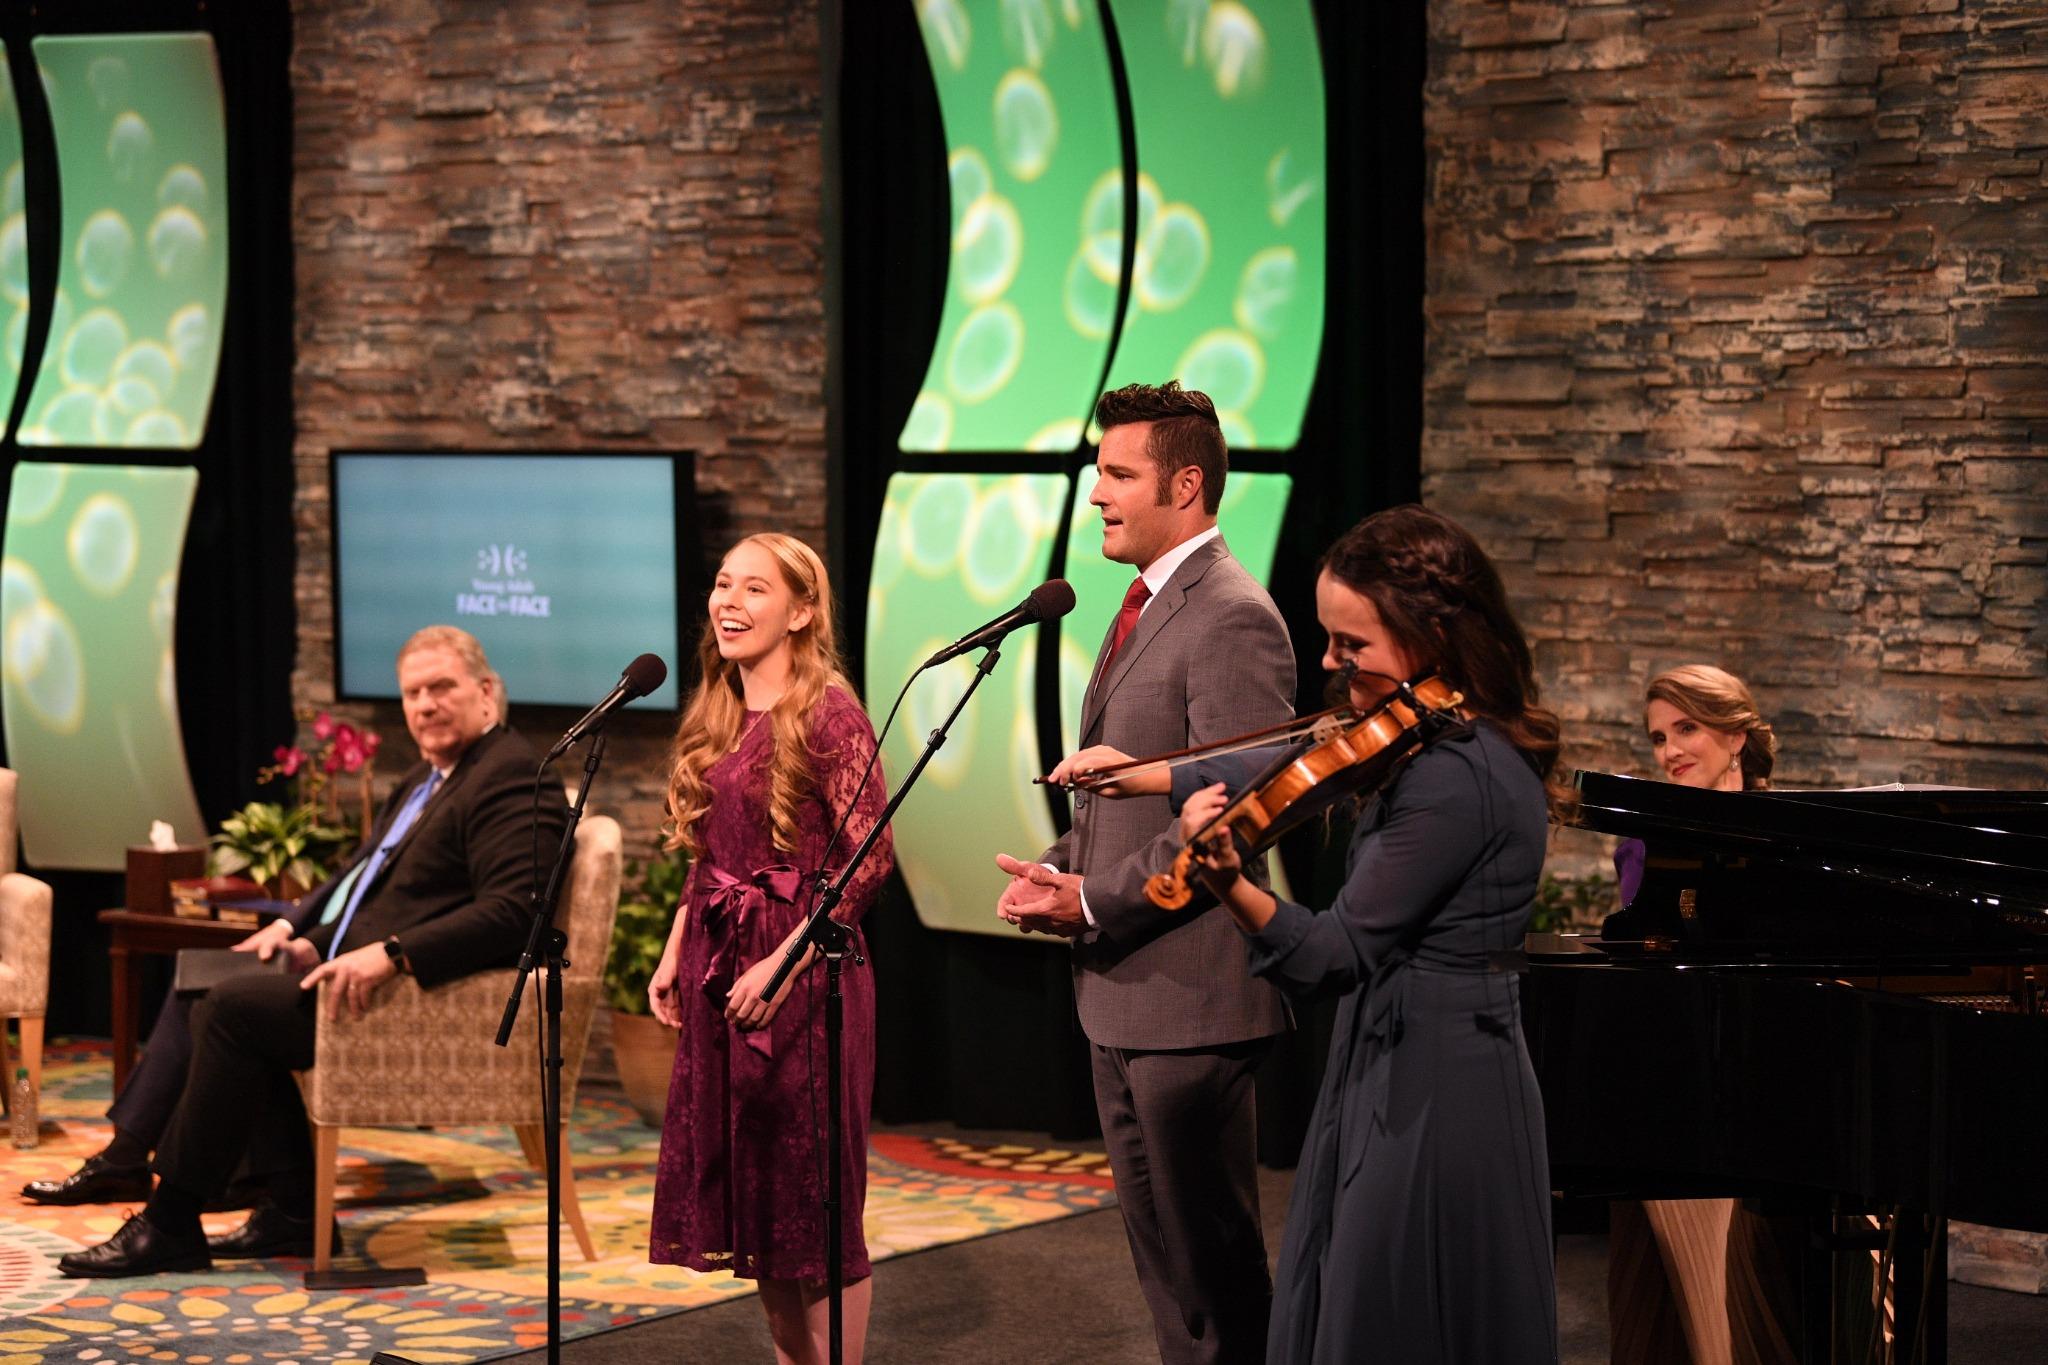 Um número musical foi apresentado durante a transmissão do evento Cara a Cara em Provo, Utah, no domingo, 15 de setembro de 2019.